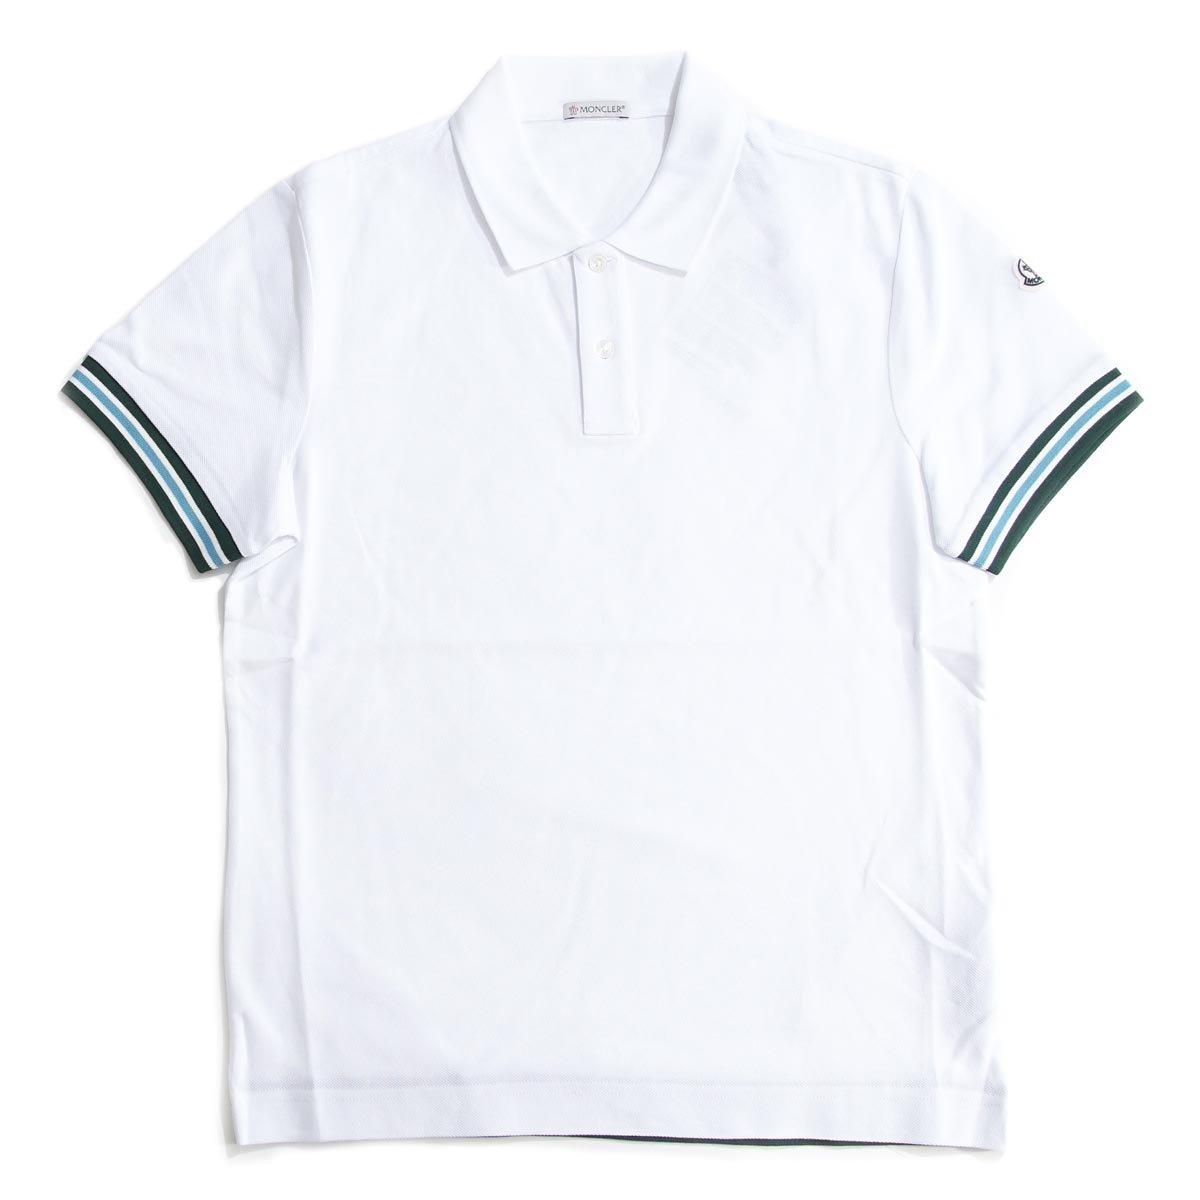 (モンクレール) MONCLER ポロシャツ [並行輸入品] B06WGRV24D M|ホワイト ホワイト M